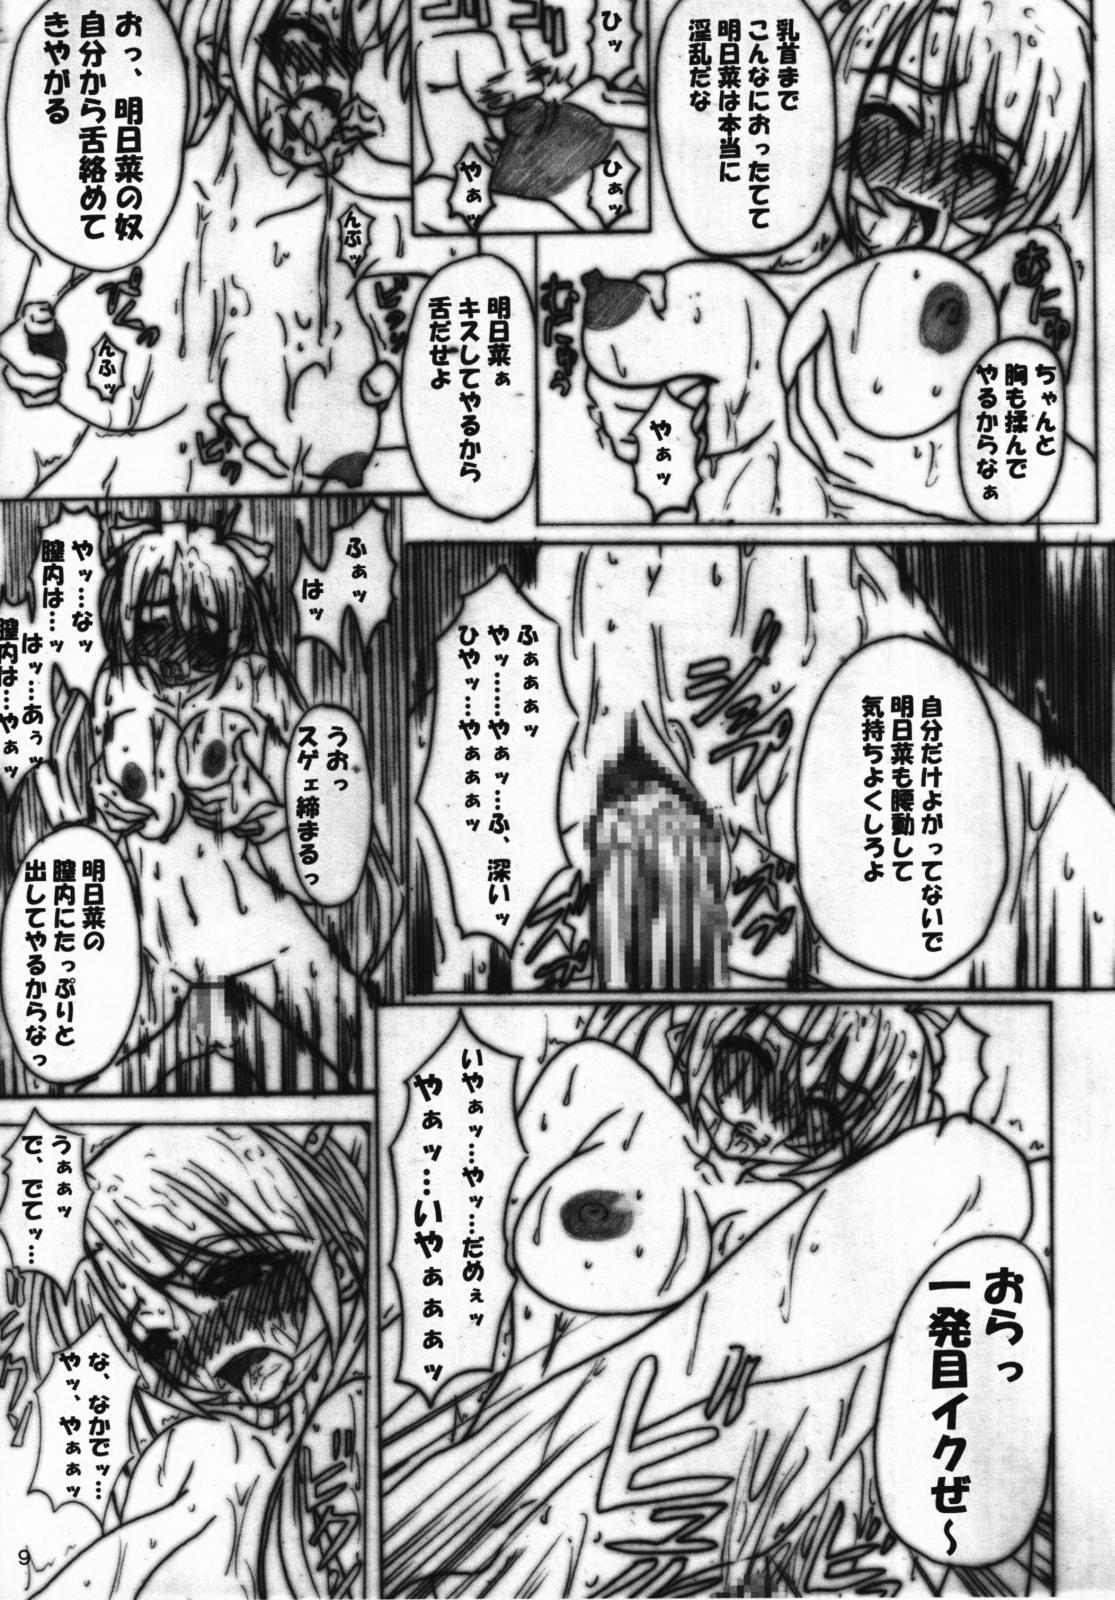 Ryoujoku Gakuen Negima! Poimono Vol.06 7